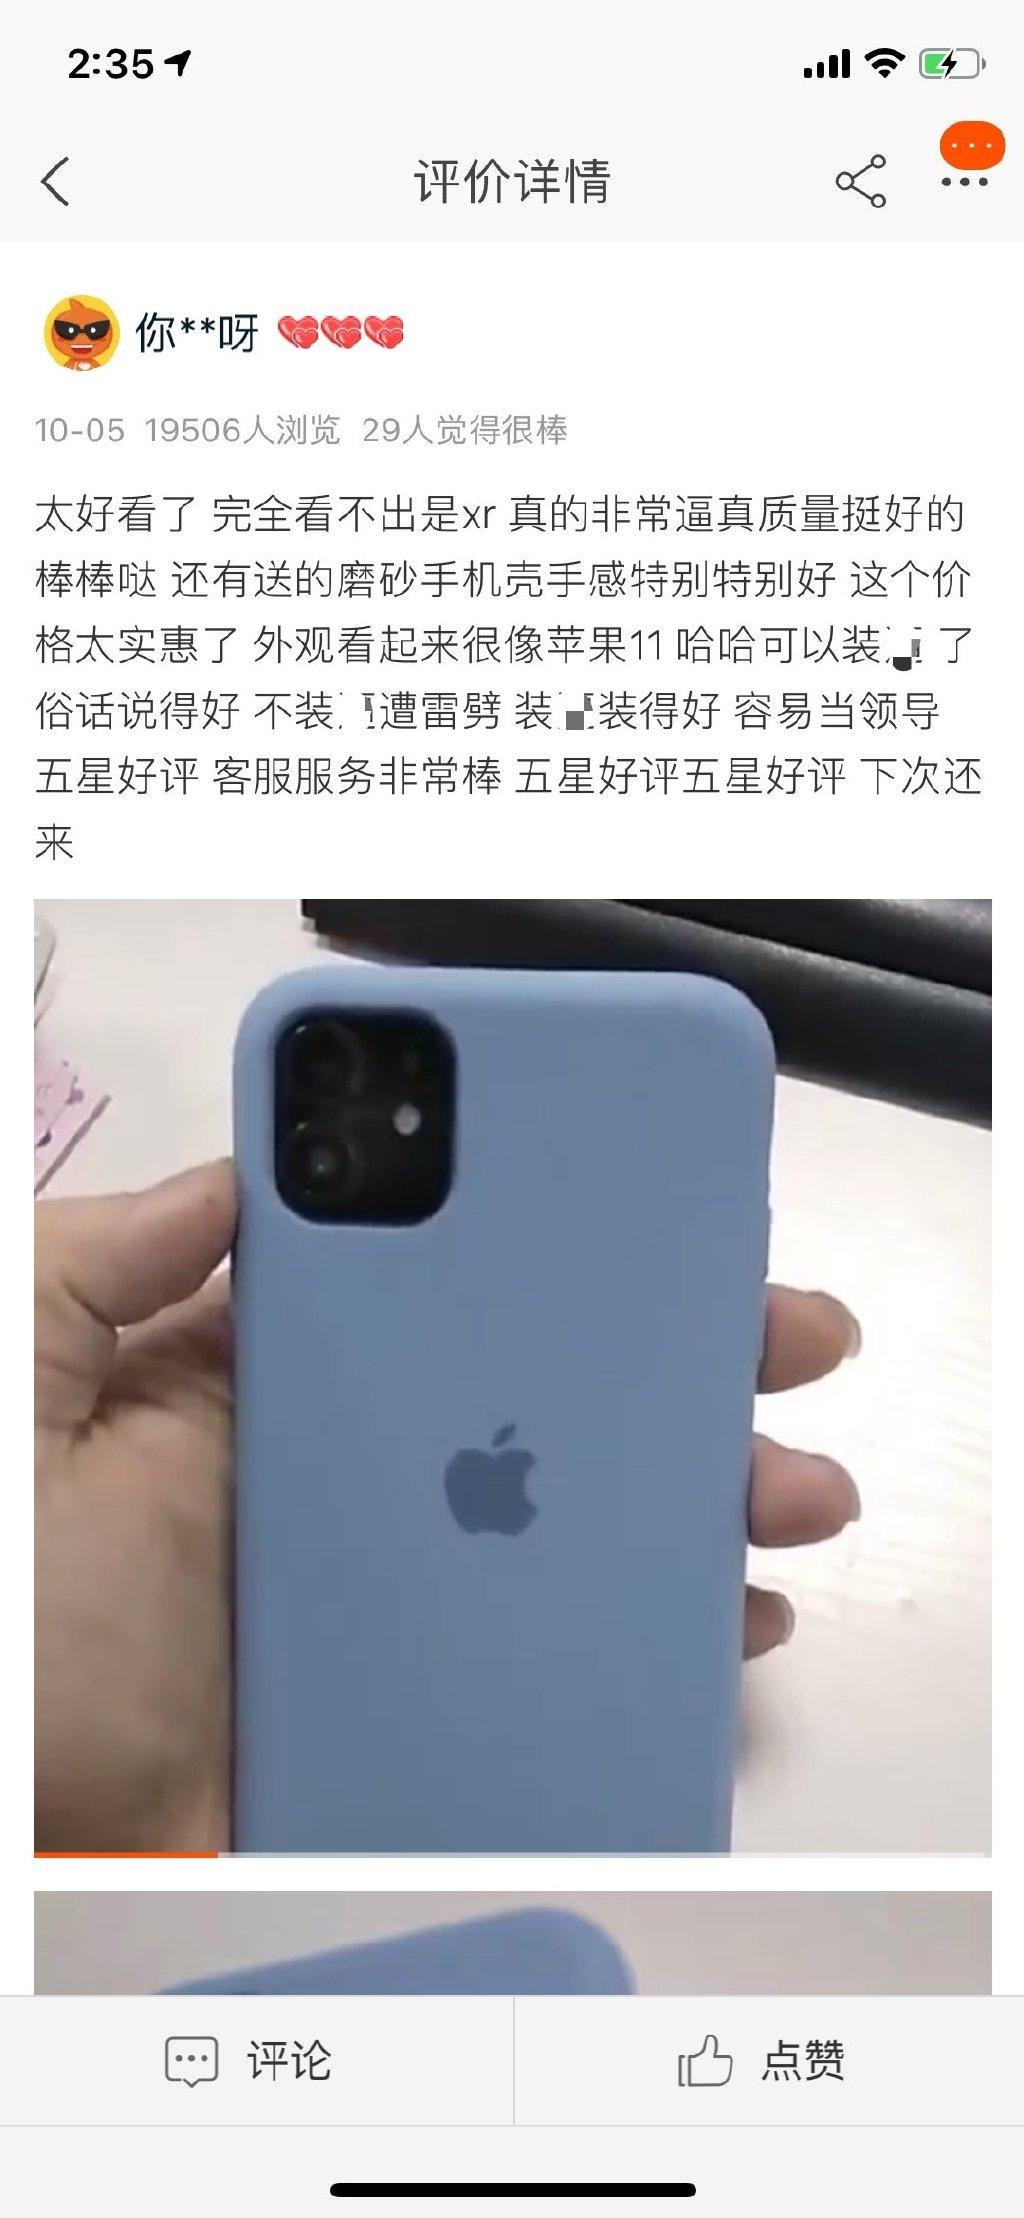 别花冤枉钱,已有10万人用这个方法让iPhone X 秒变iPhone11pro liuliushe.net六六社 第4张